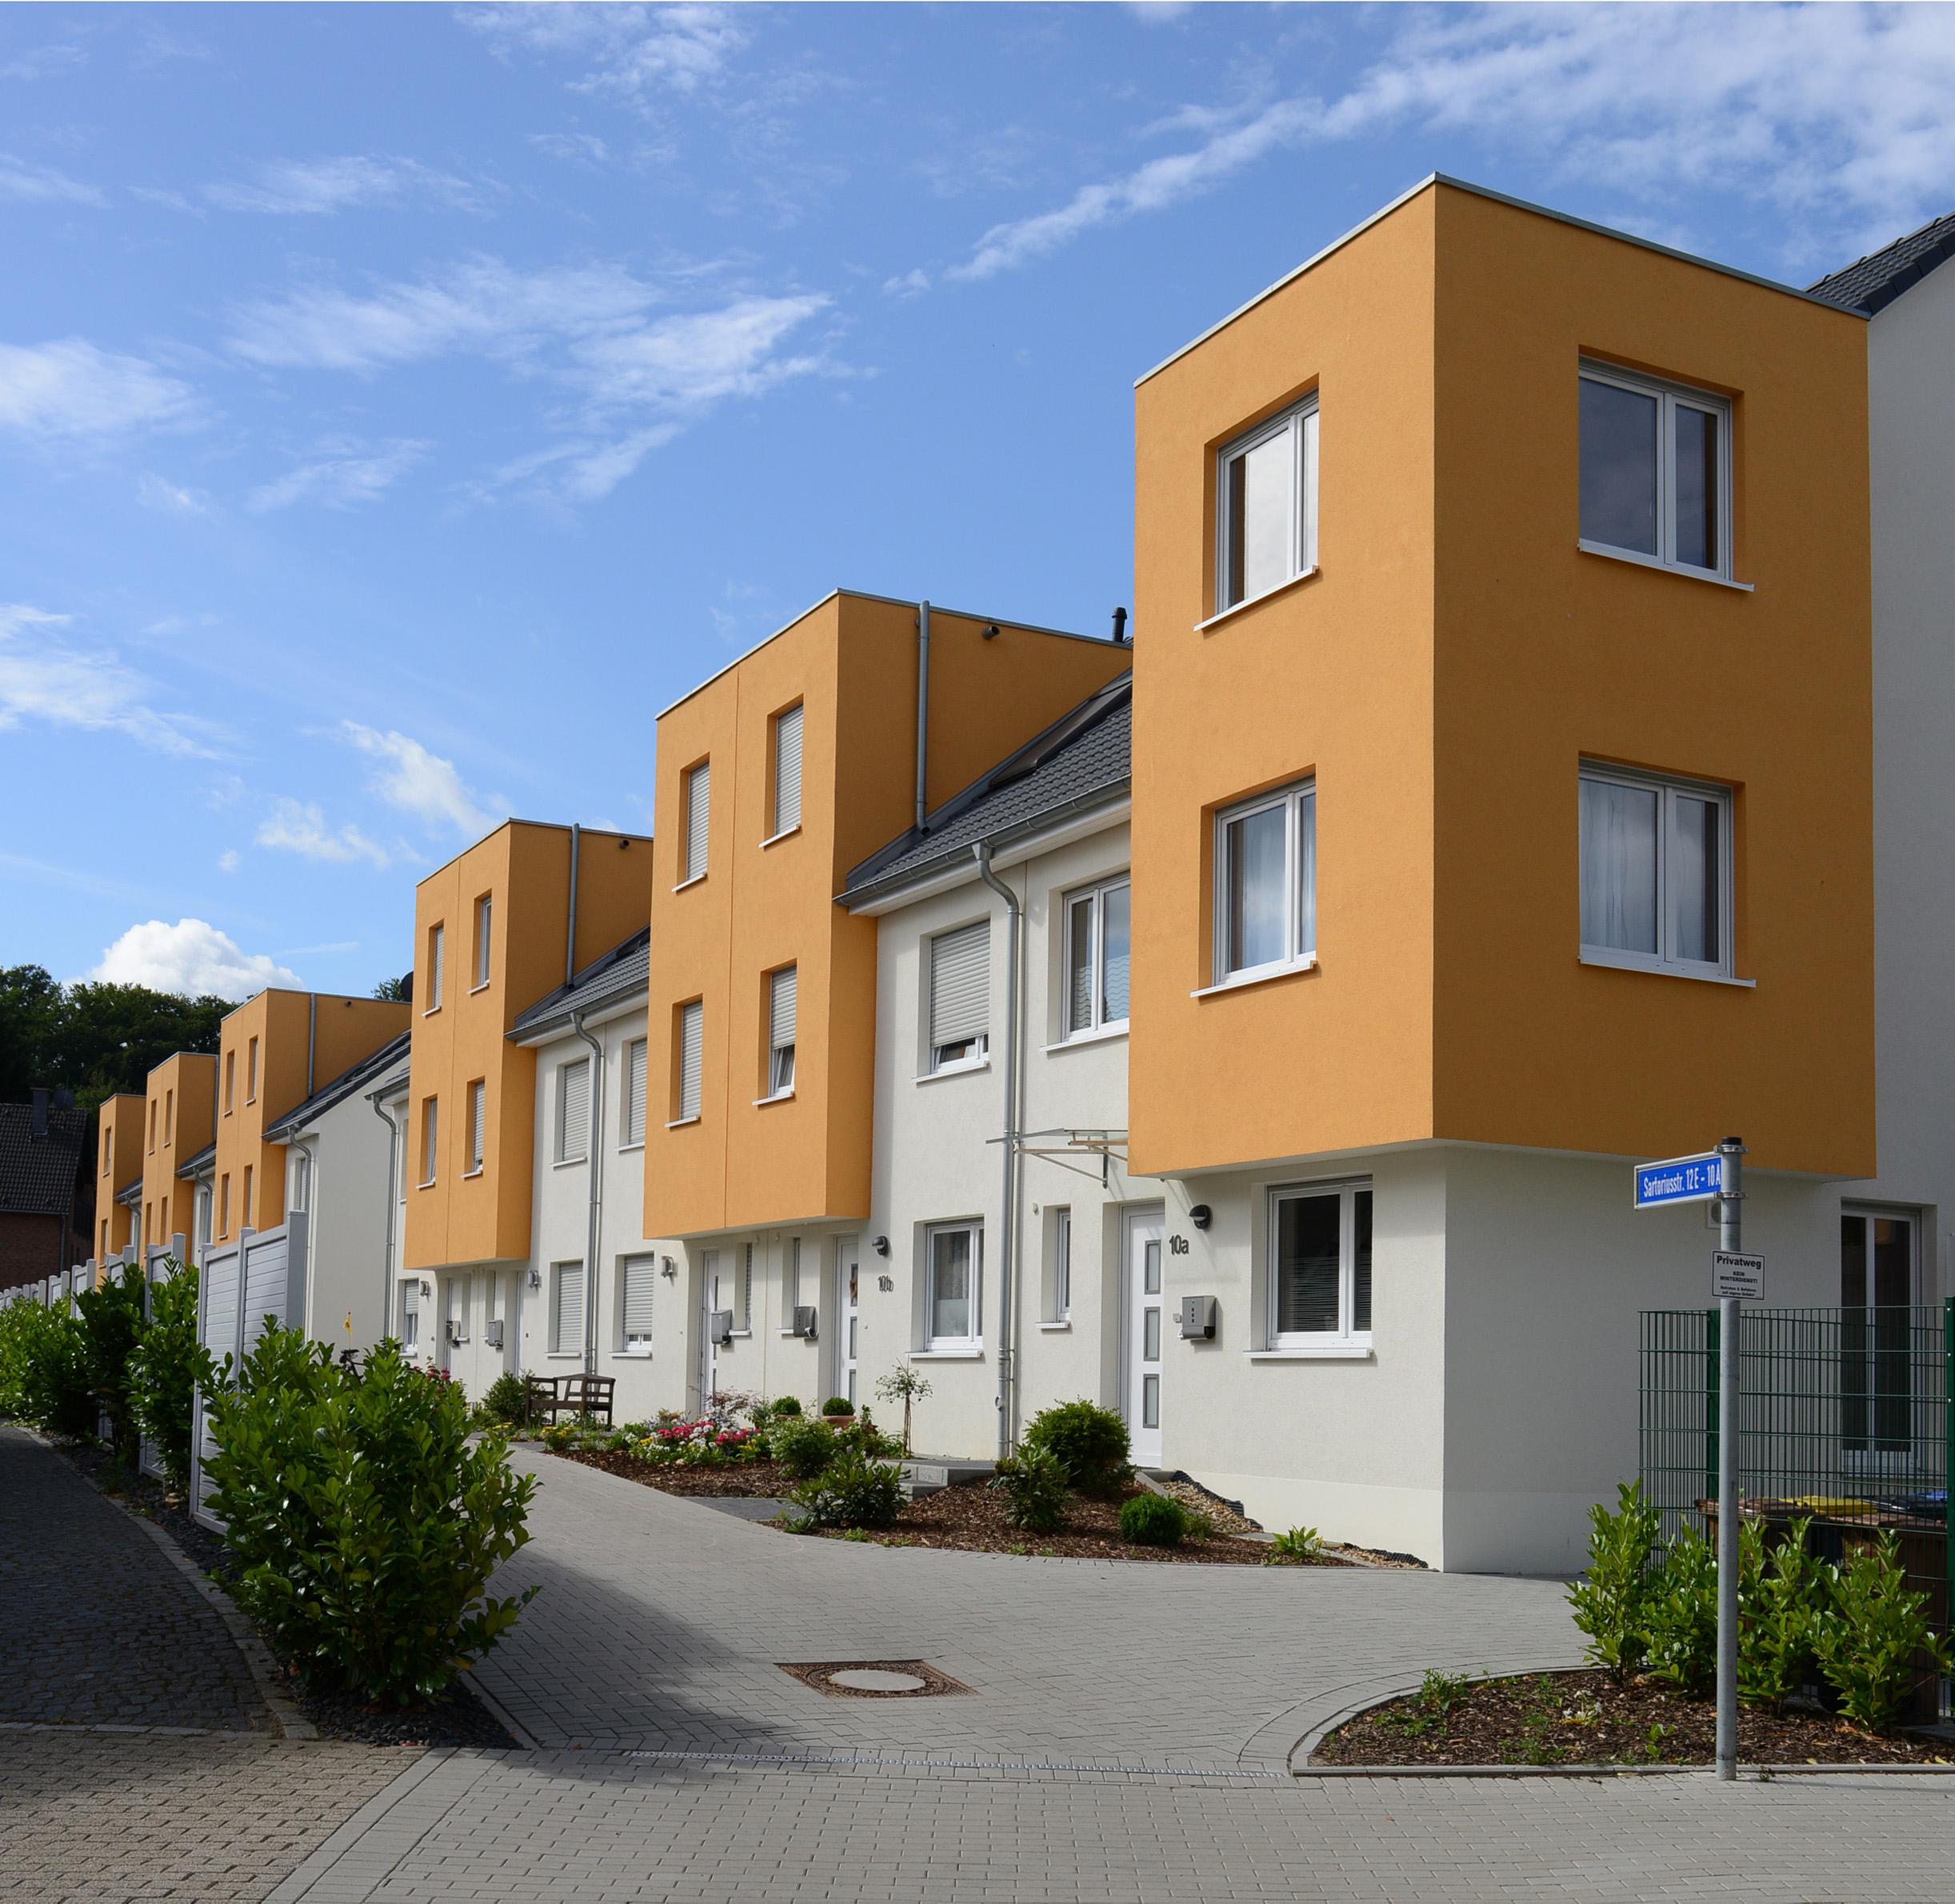 Neubausiedlung an der Sartoriusstrasse